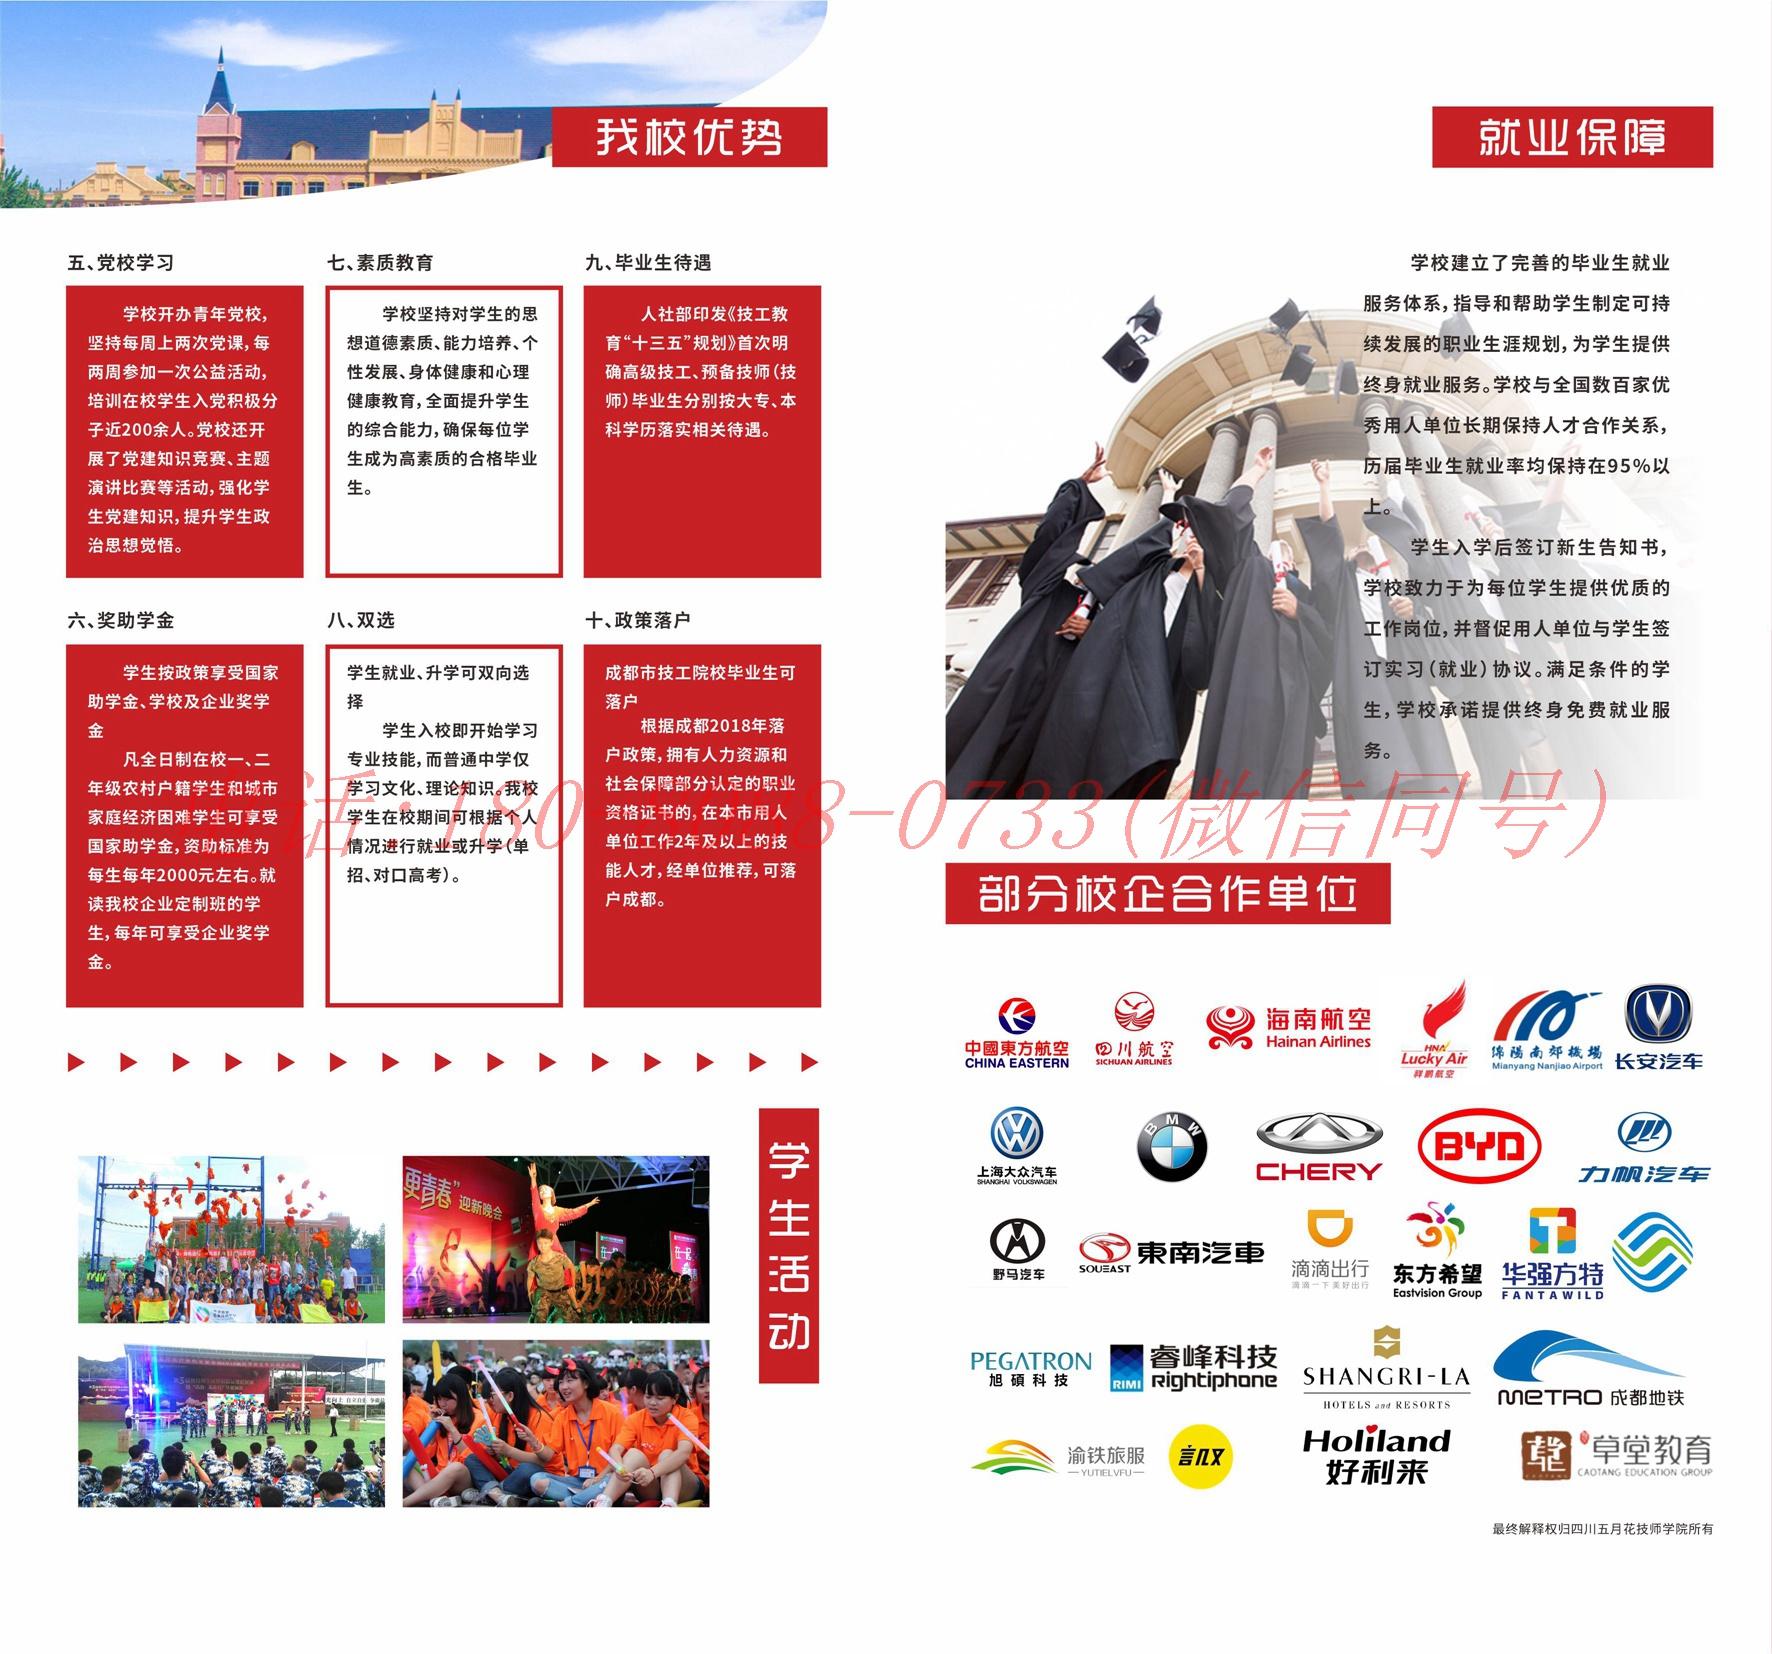 四川五月花技师学院就业保障校企合作就业单位